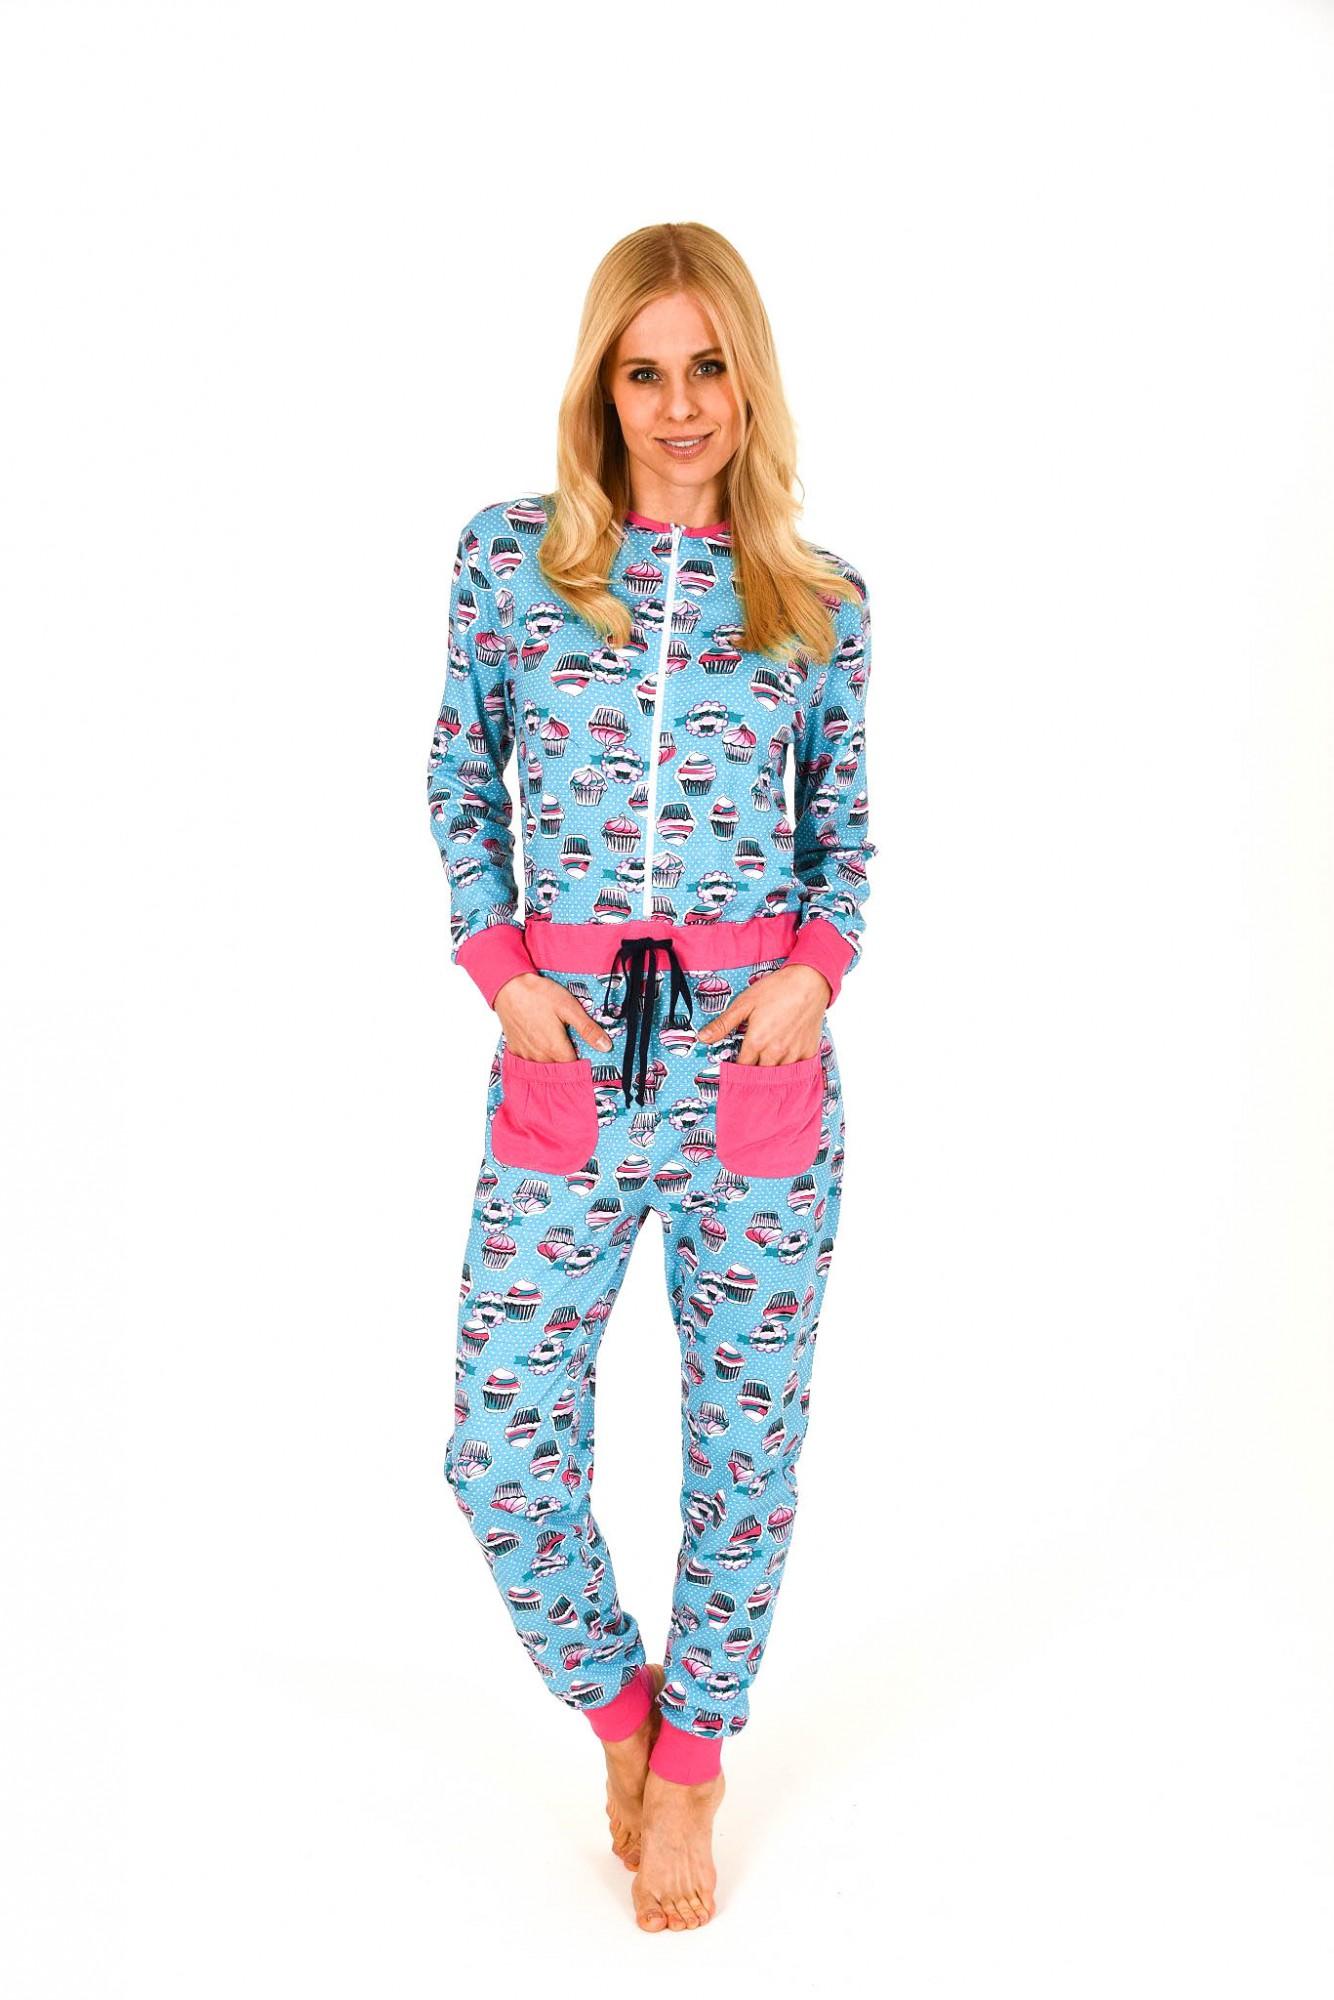 Damen Schlafanzug Einteiler Jumpsuit Overall langarm mit tollen Motiv 267 90 104 – Bild 1